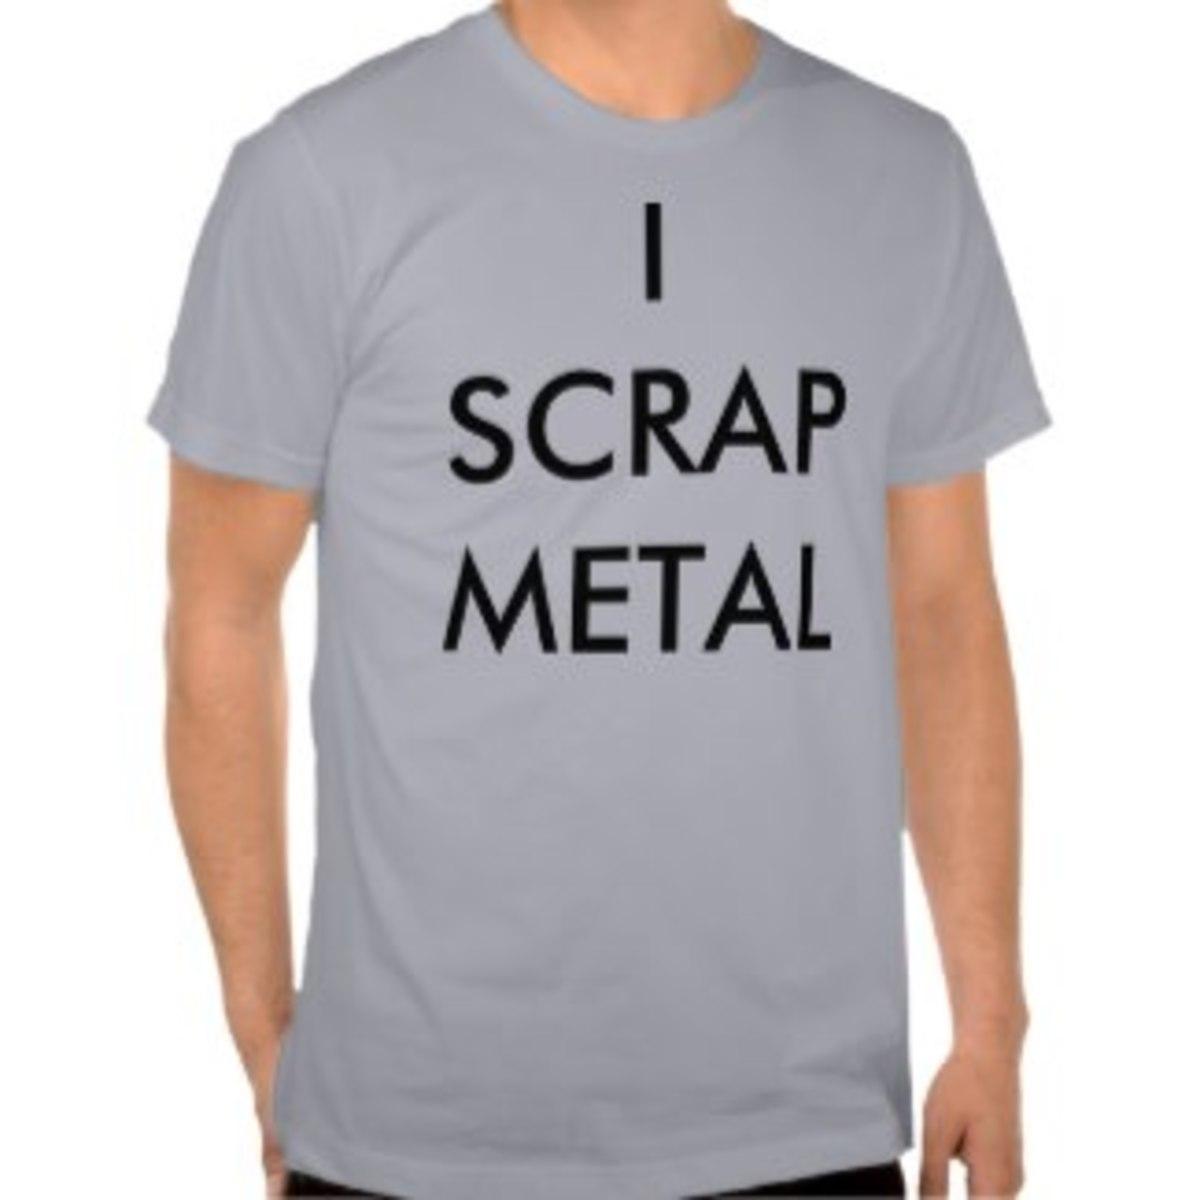 scrap-metal-removal